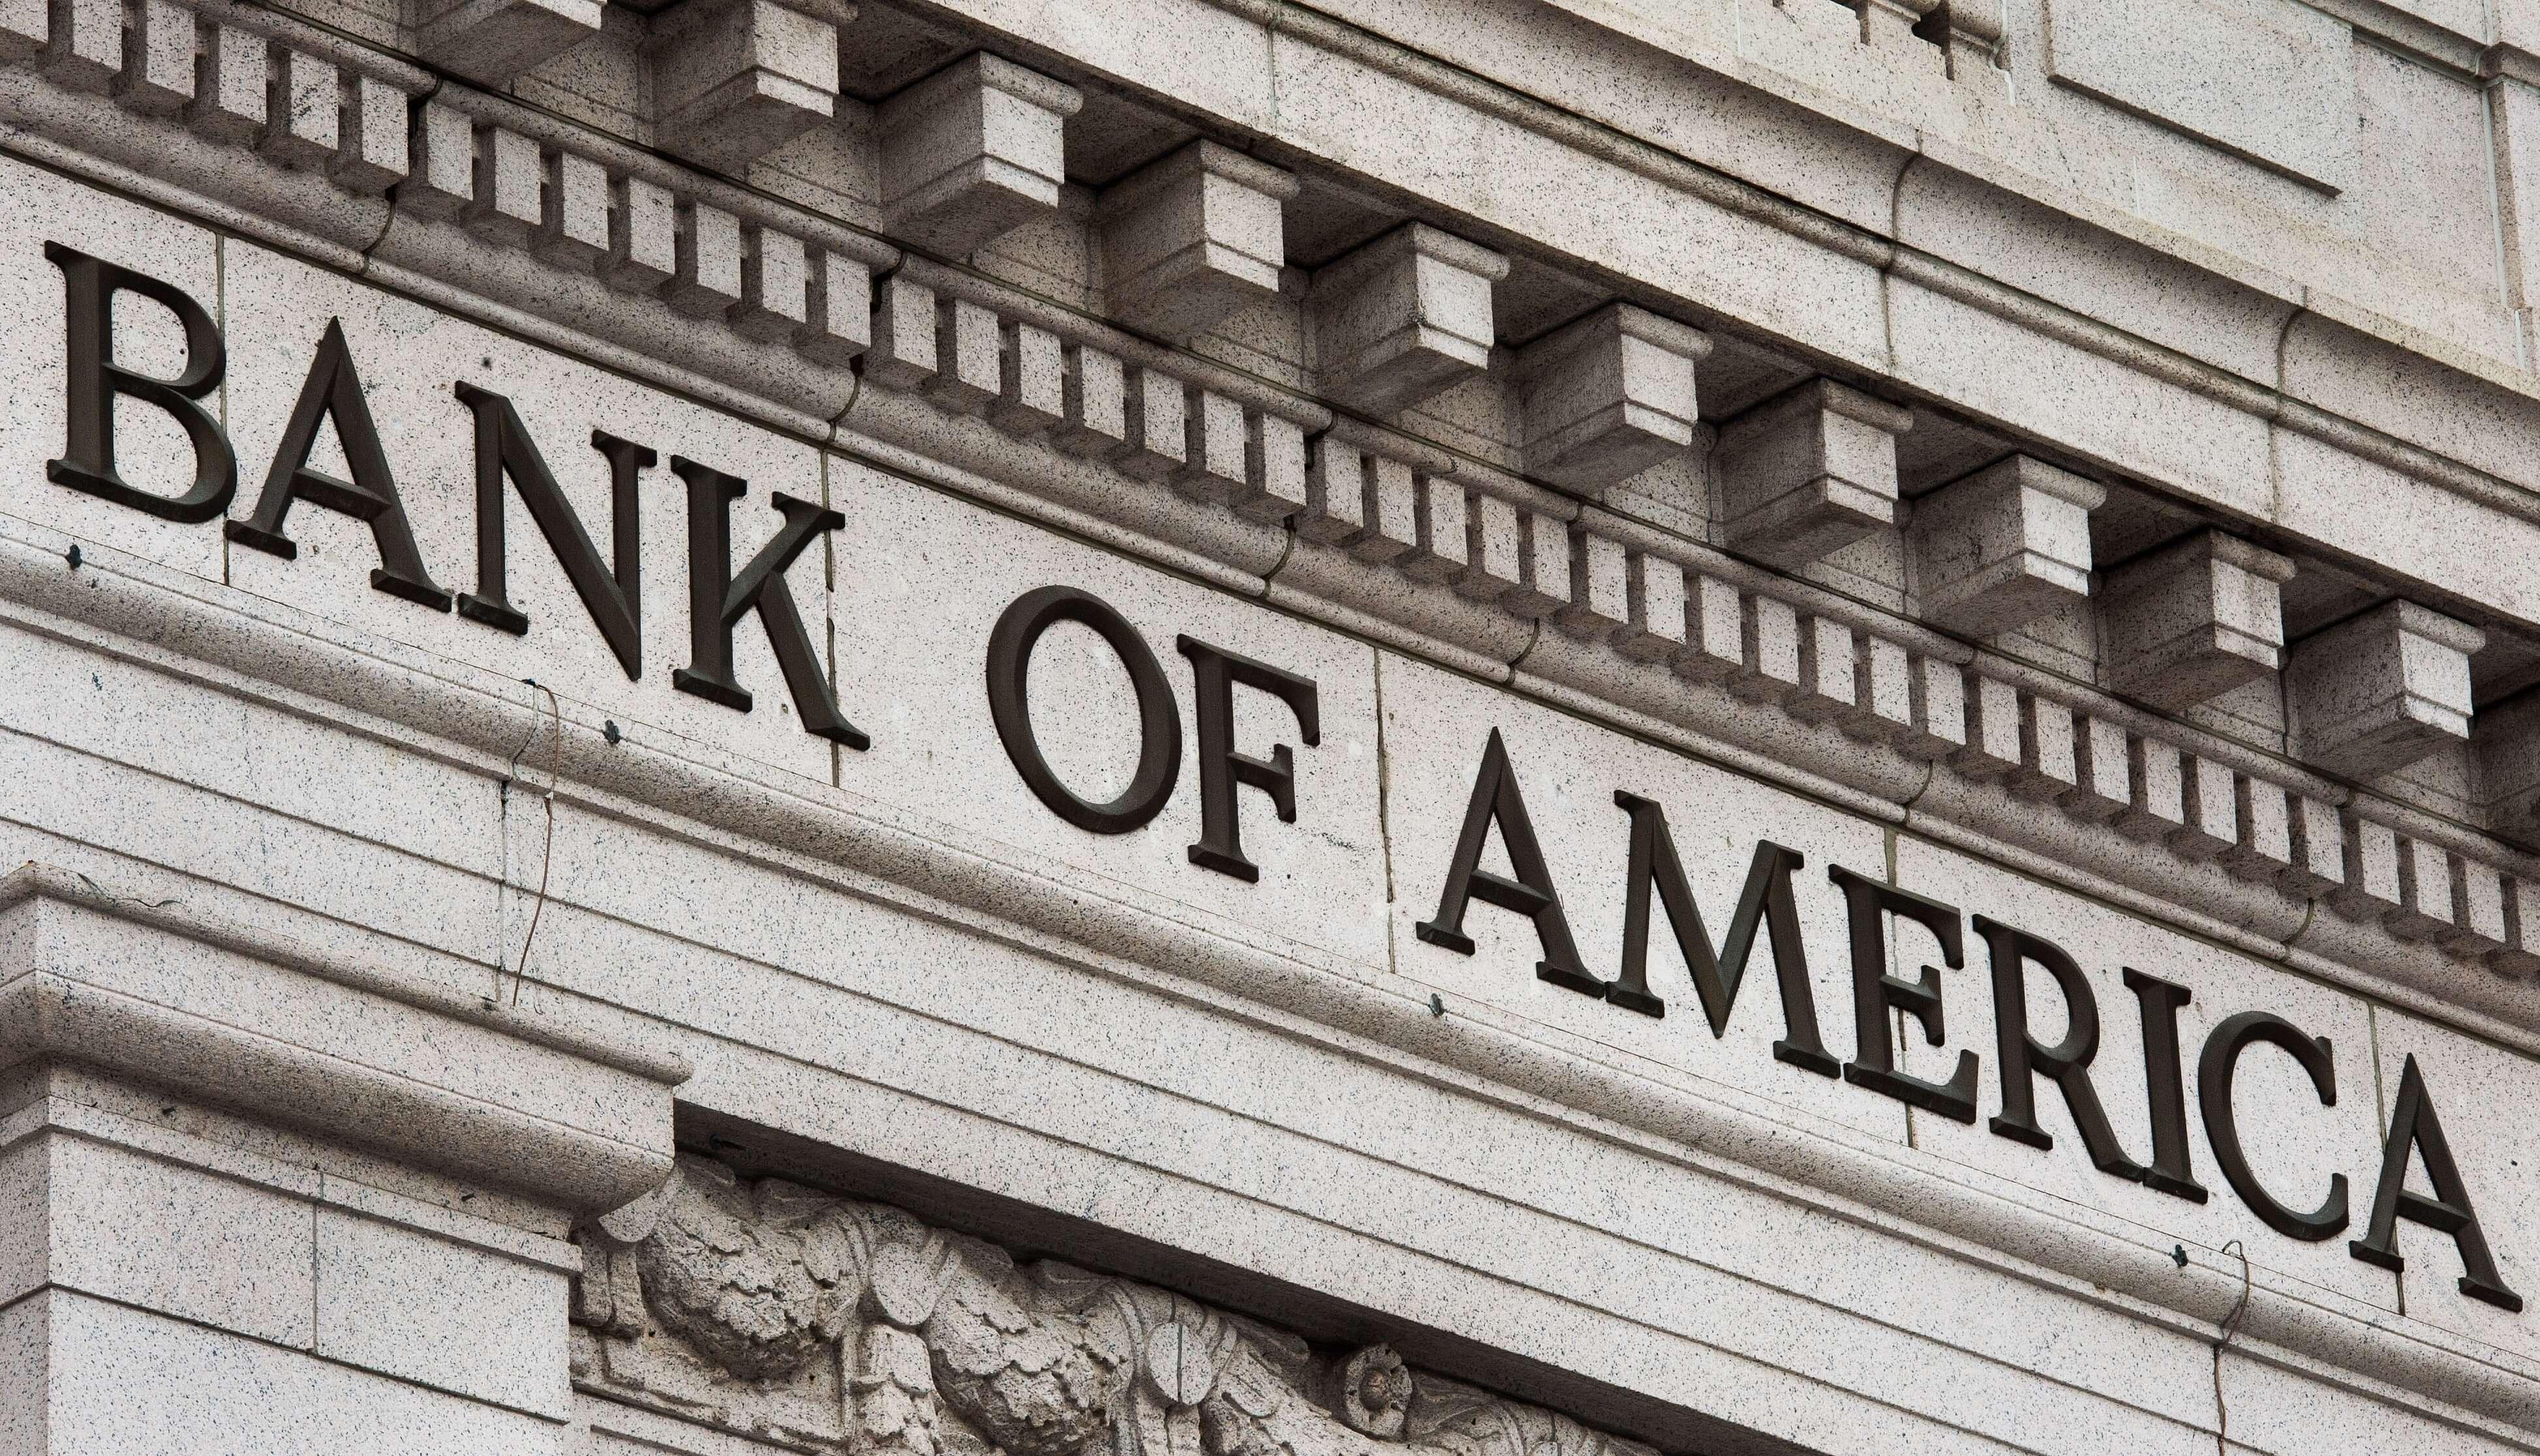 Bank of America патентует систему безопасности для криптокошельков